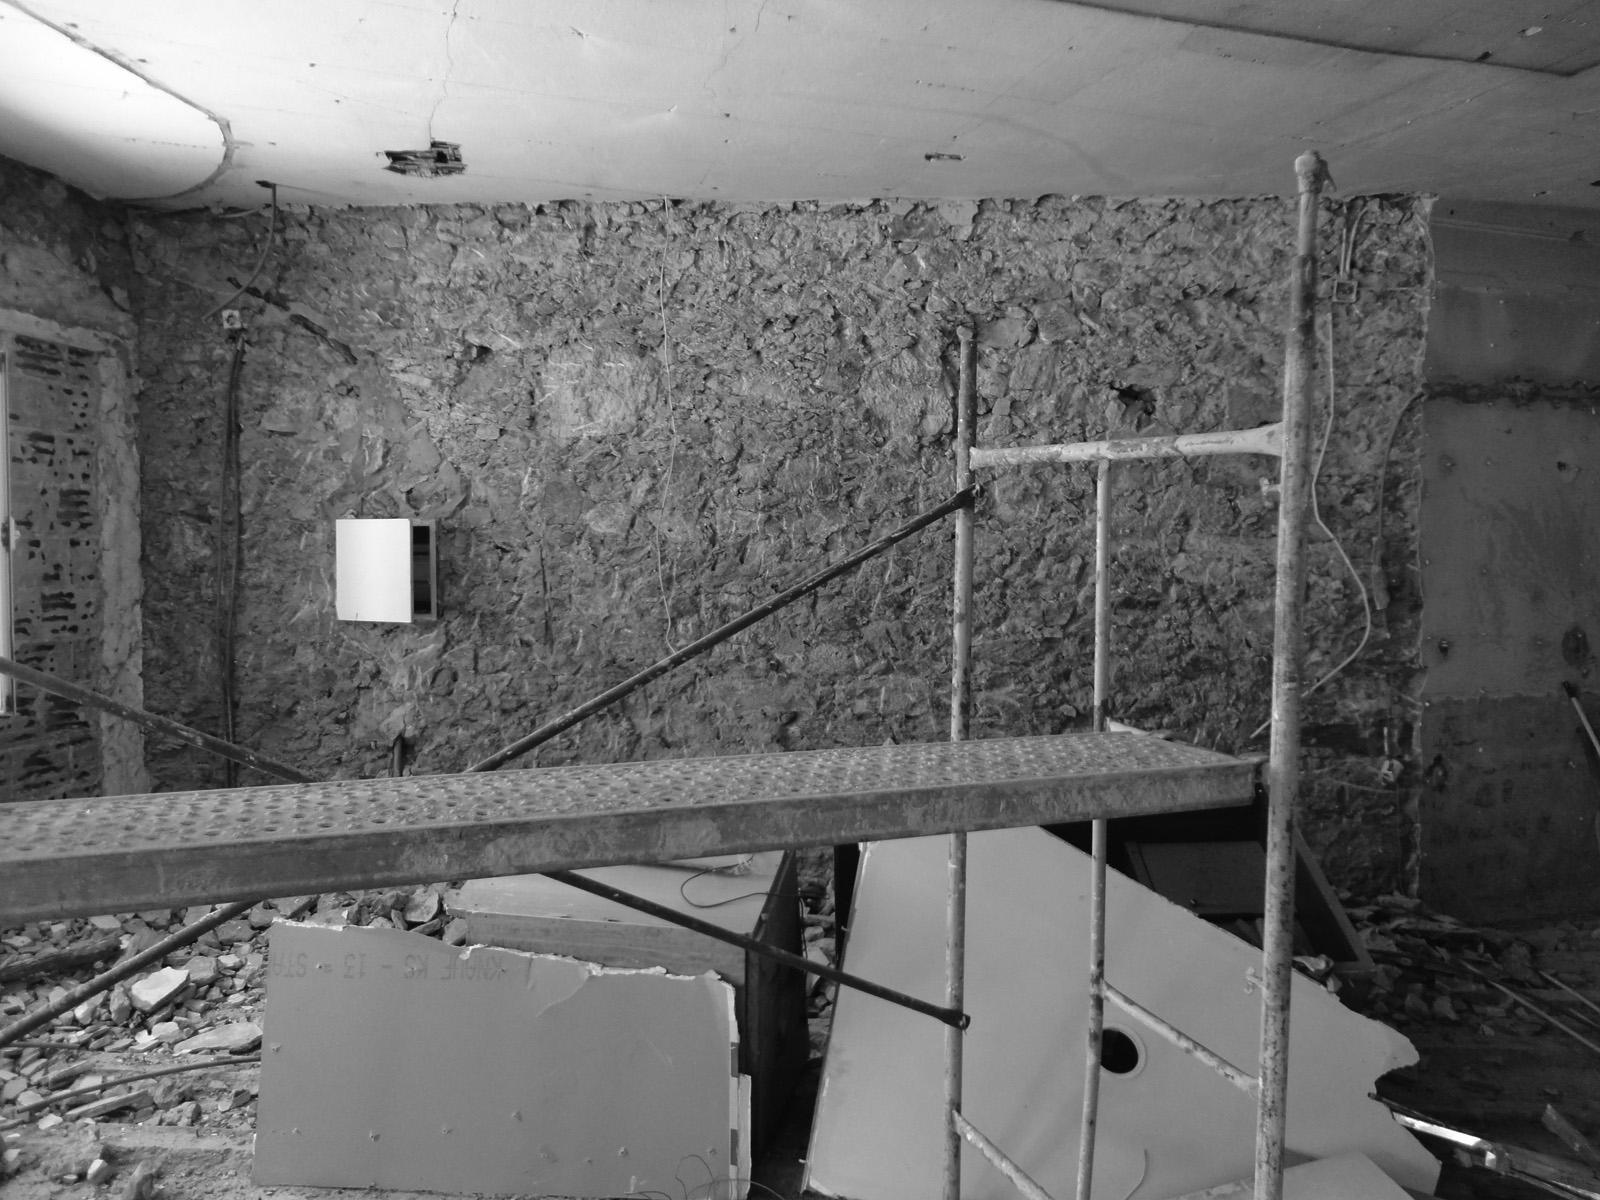 Restaurante Sabor - EVA evolutionary architecture - são joão da madeira - remodelação - arquitectos porto (1).jpg